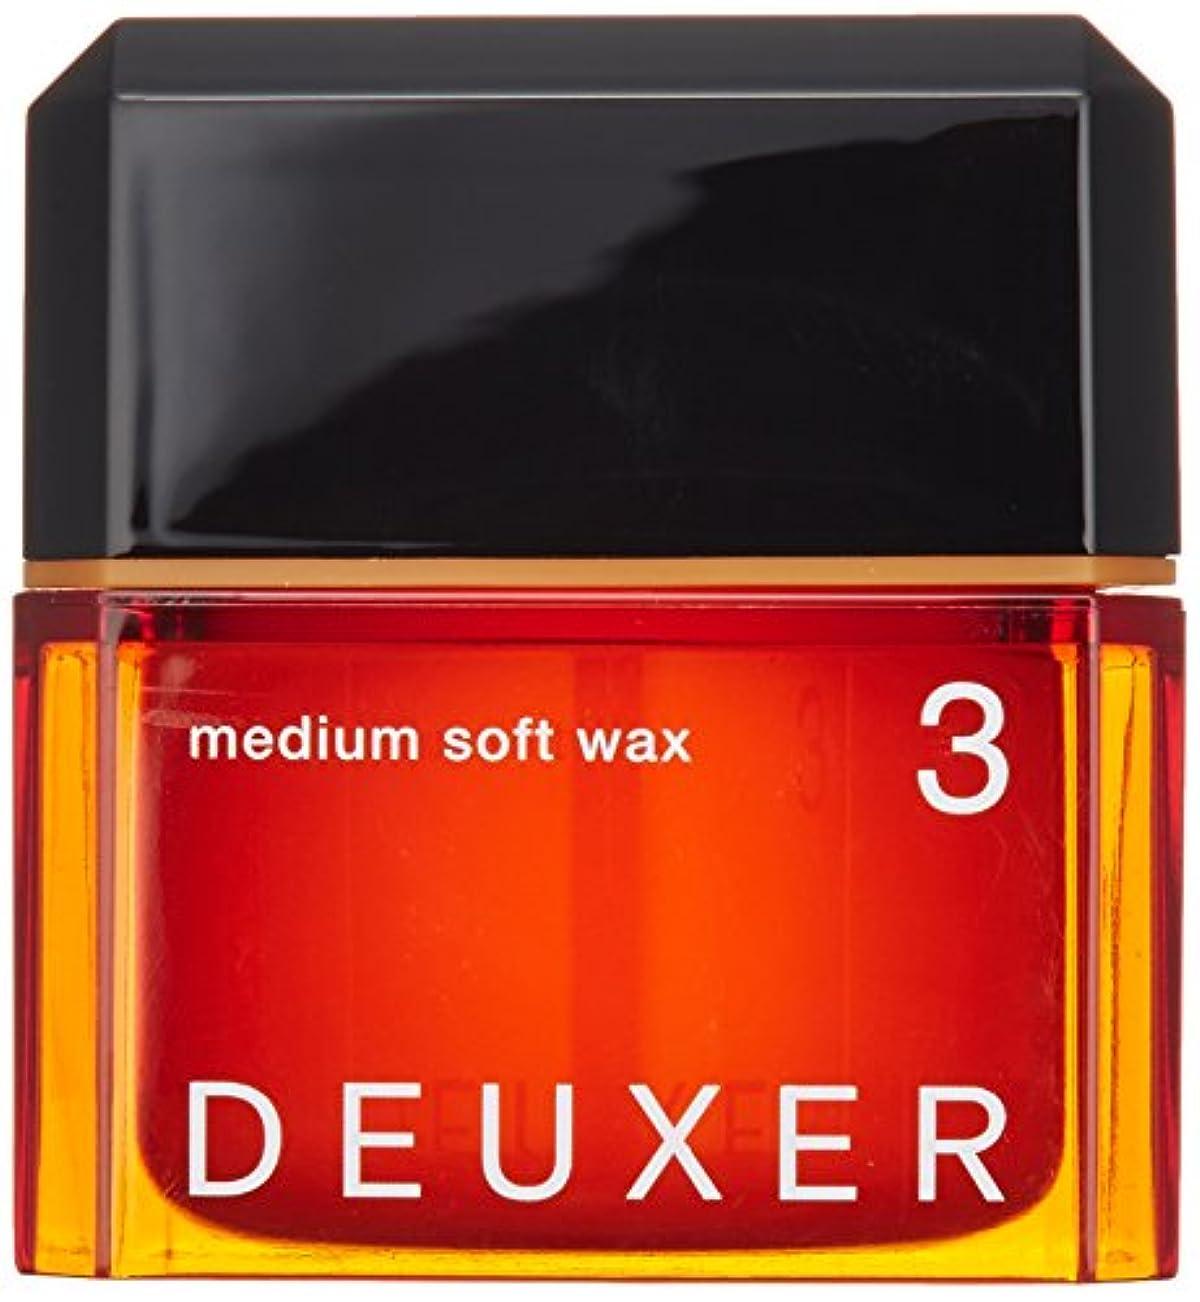 ラップ状心臓ナンバースリー DEUXER(デューサー) ミディアムソフトワックス 3 80g